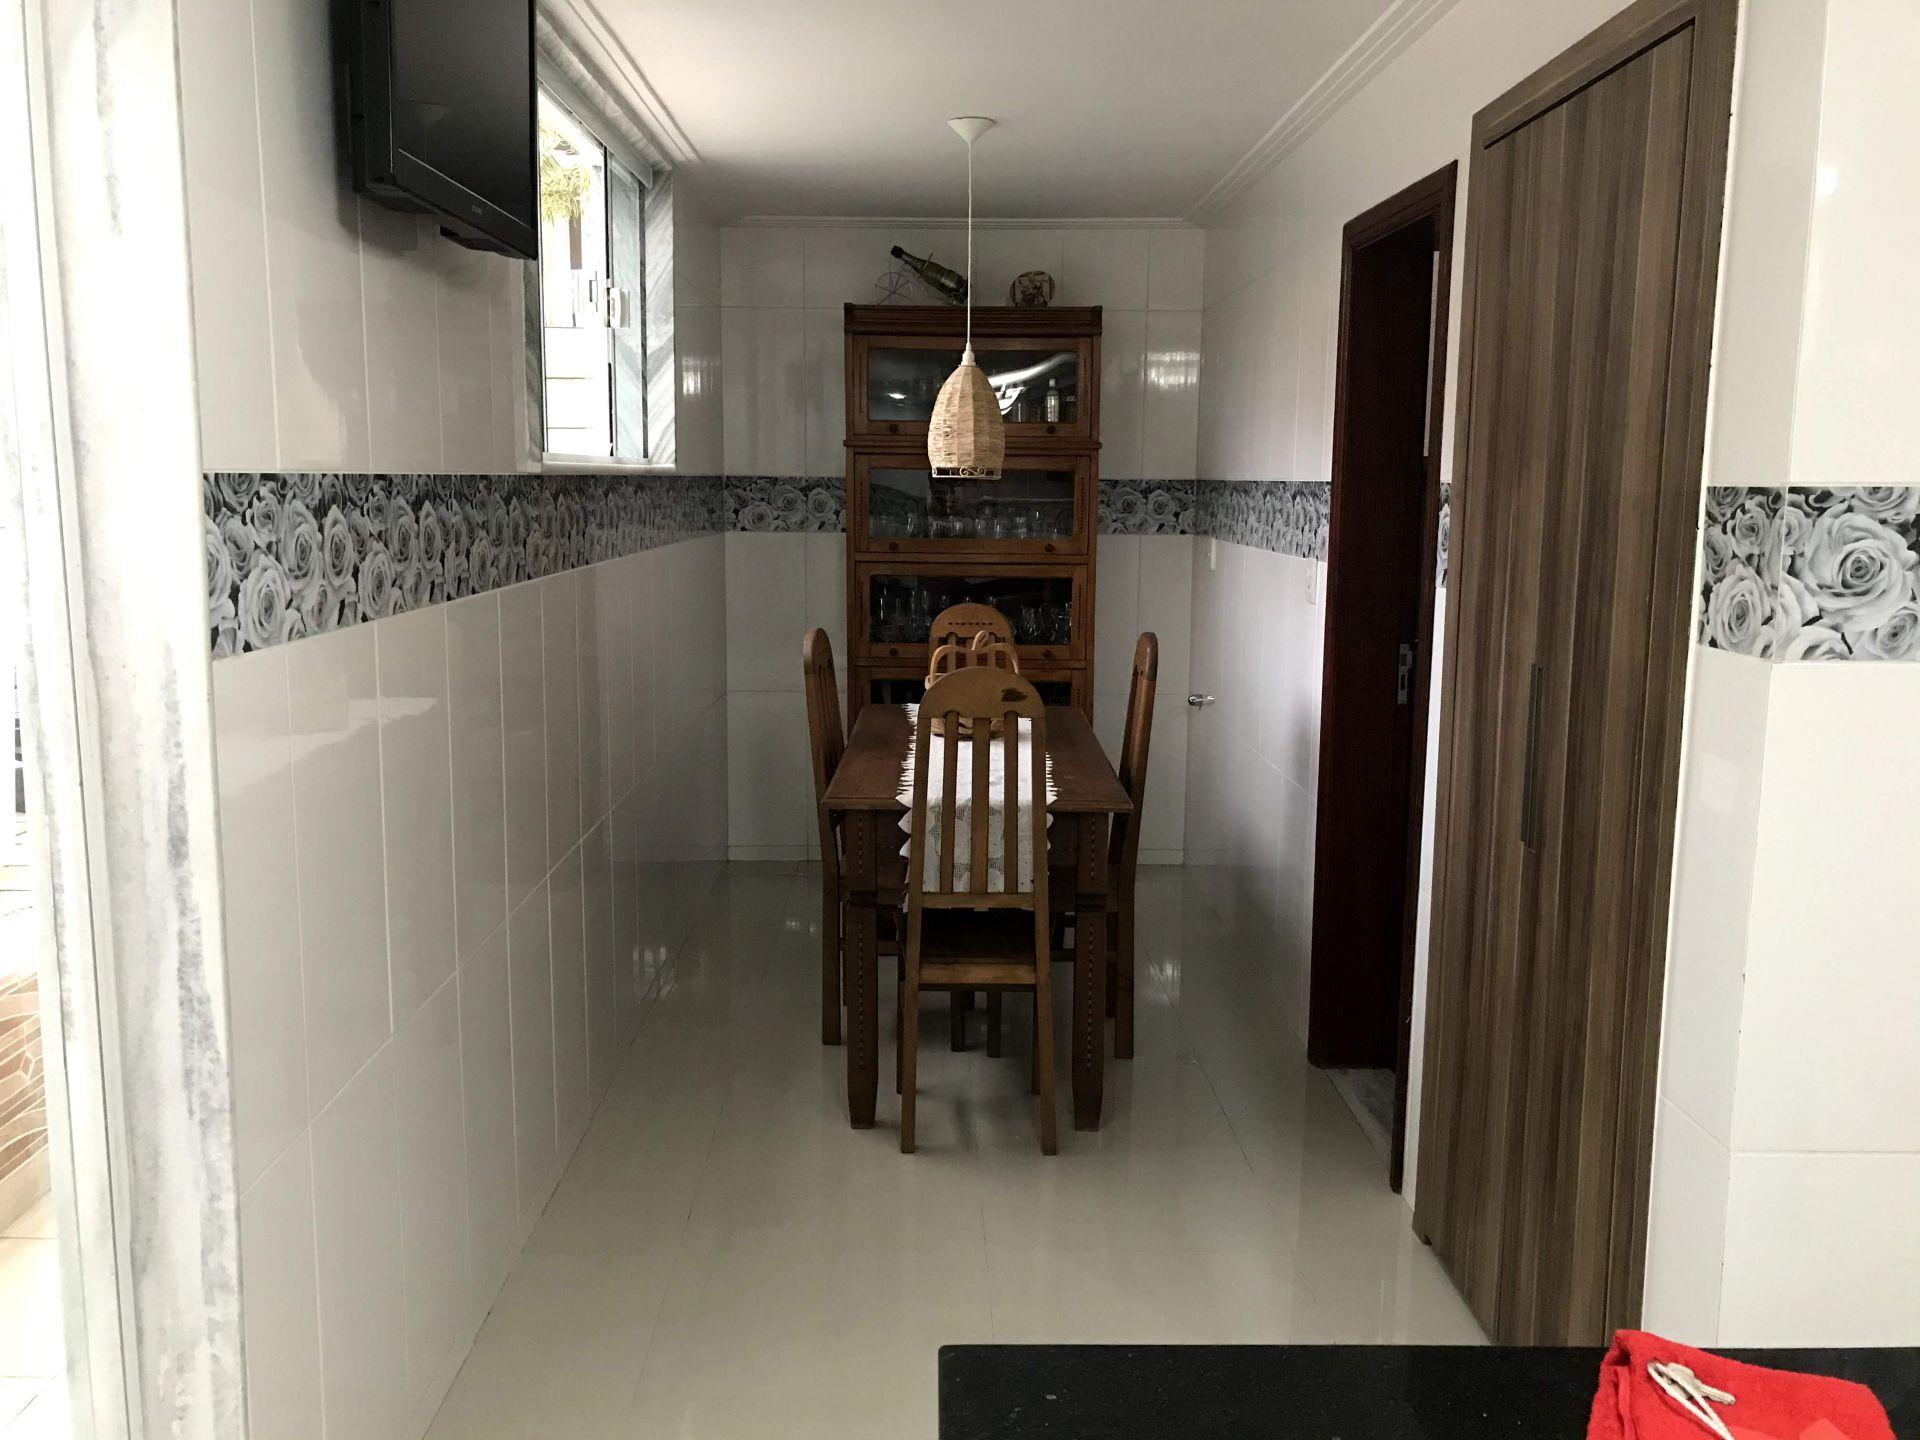 FOTO 6 - Casa em Condomínio à venda Rua Rosário Oeste,Vila Valqueire, Rio de Janeiro - R$ 1.500.000 - RF257 - 7